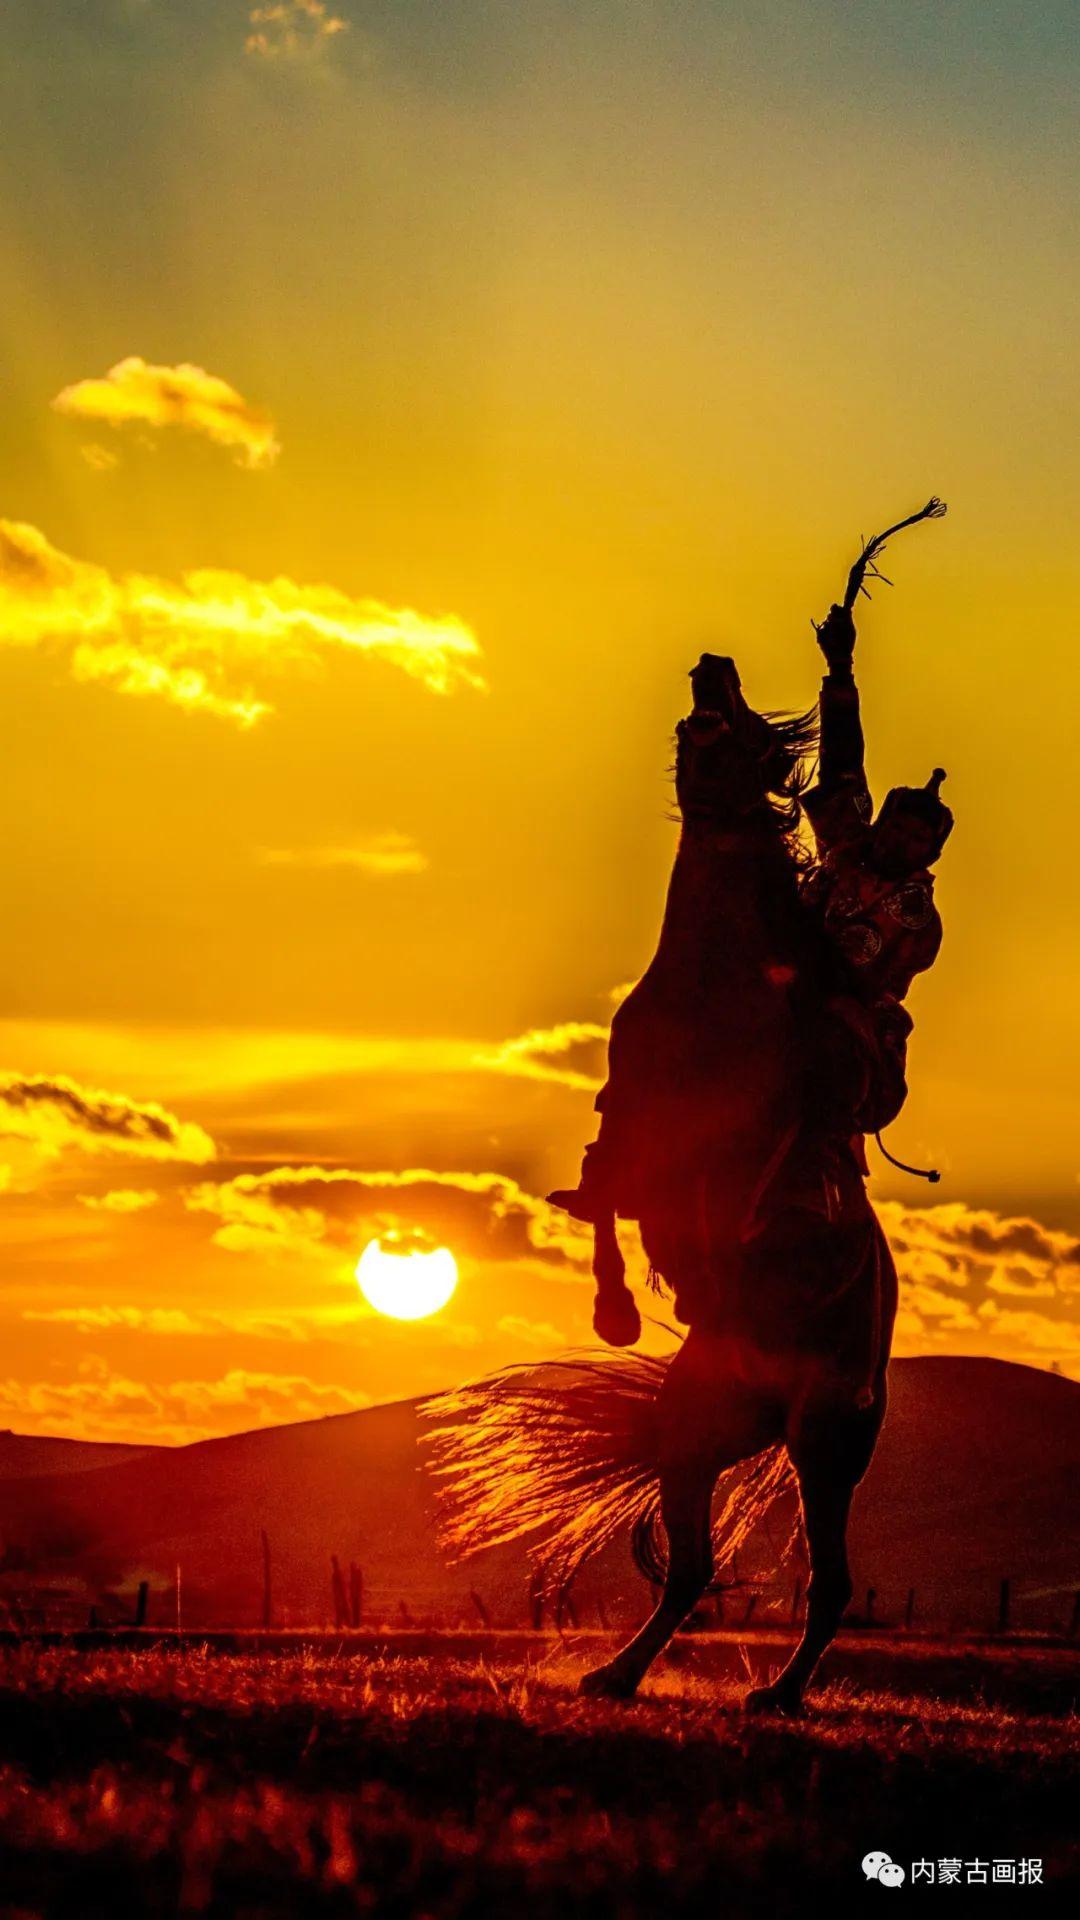 马镫 第1张 马镫 蒙古工艺